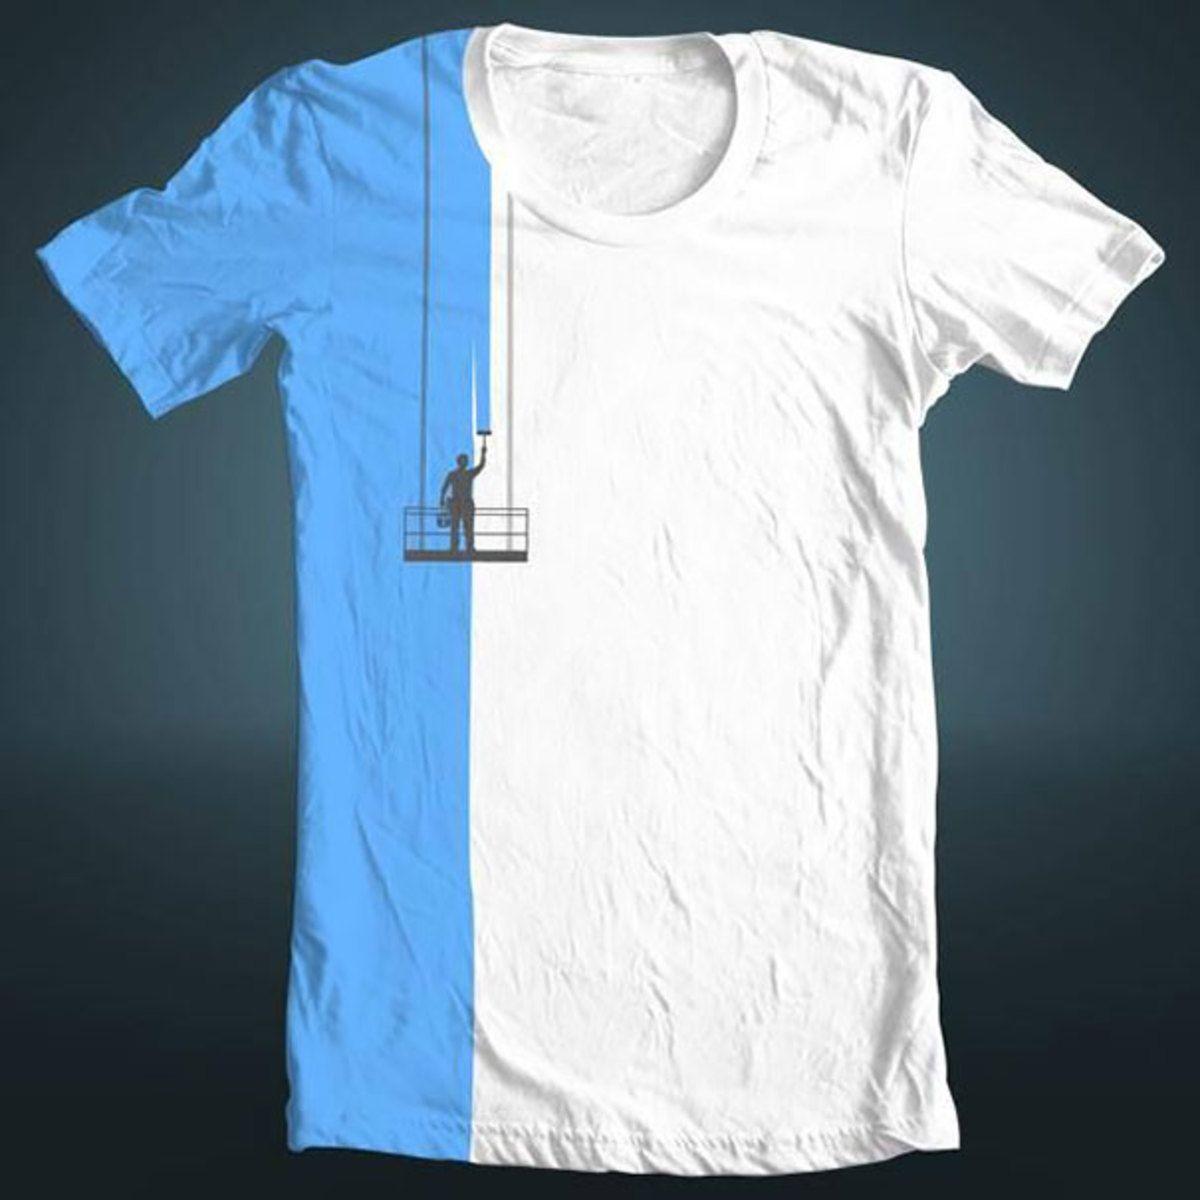 Simple Creative T Shirt Design Ideas Valoblogicom